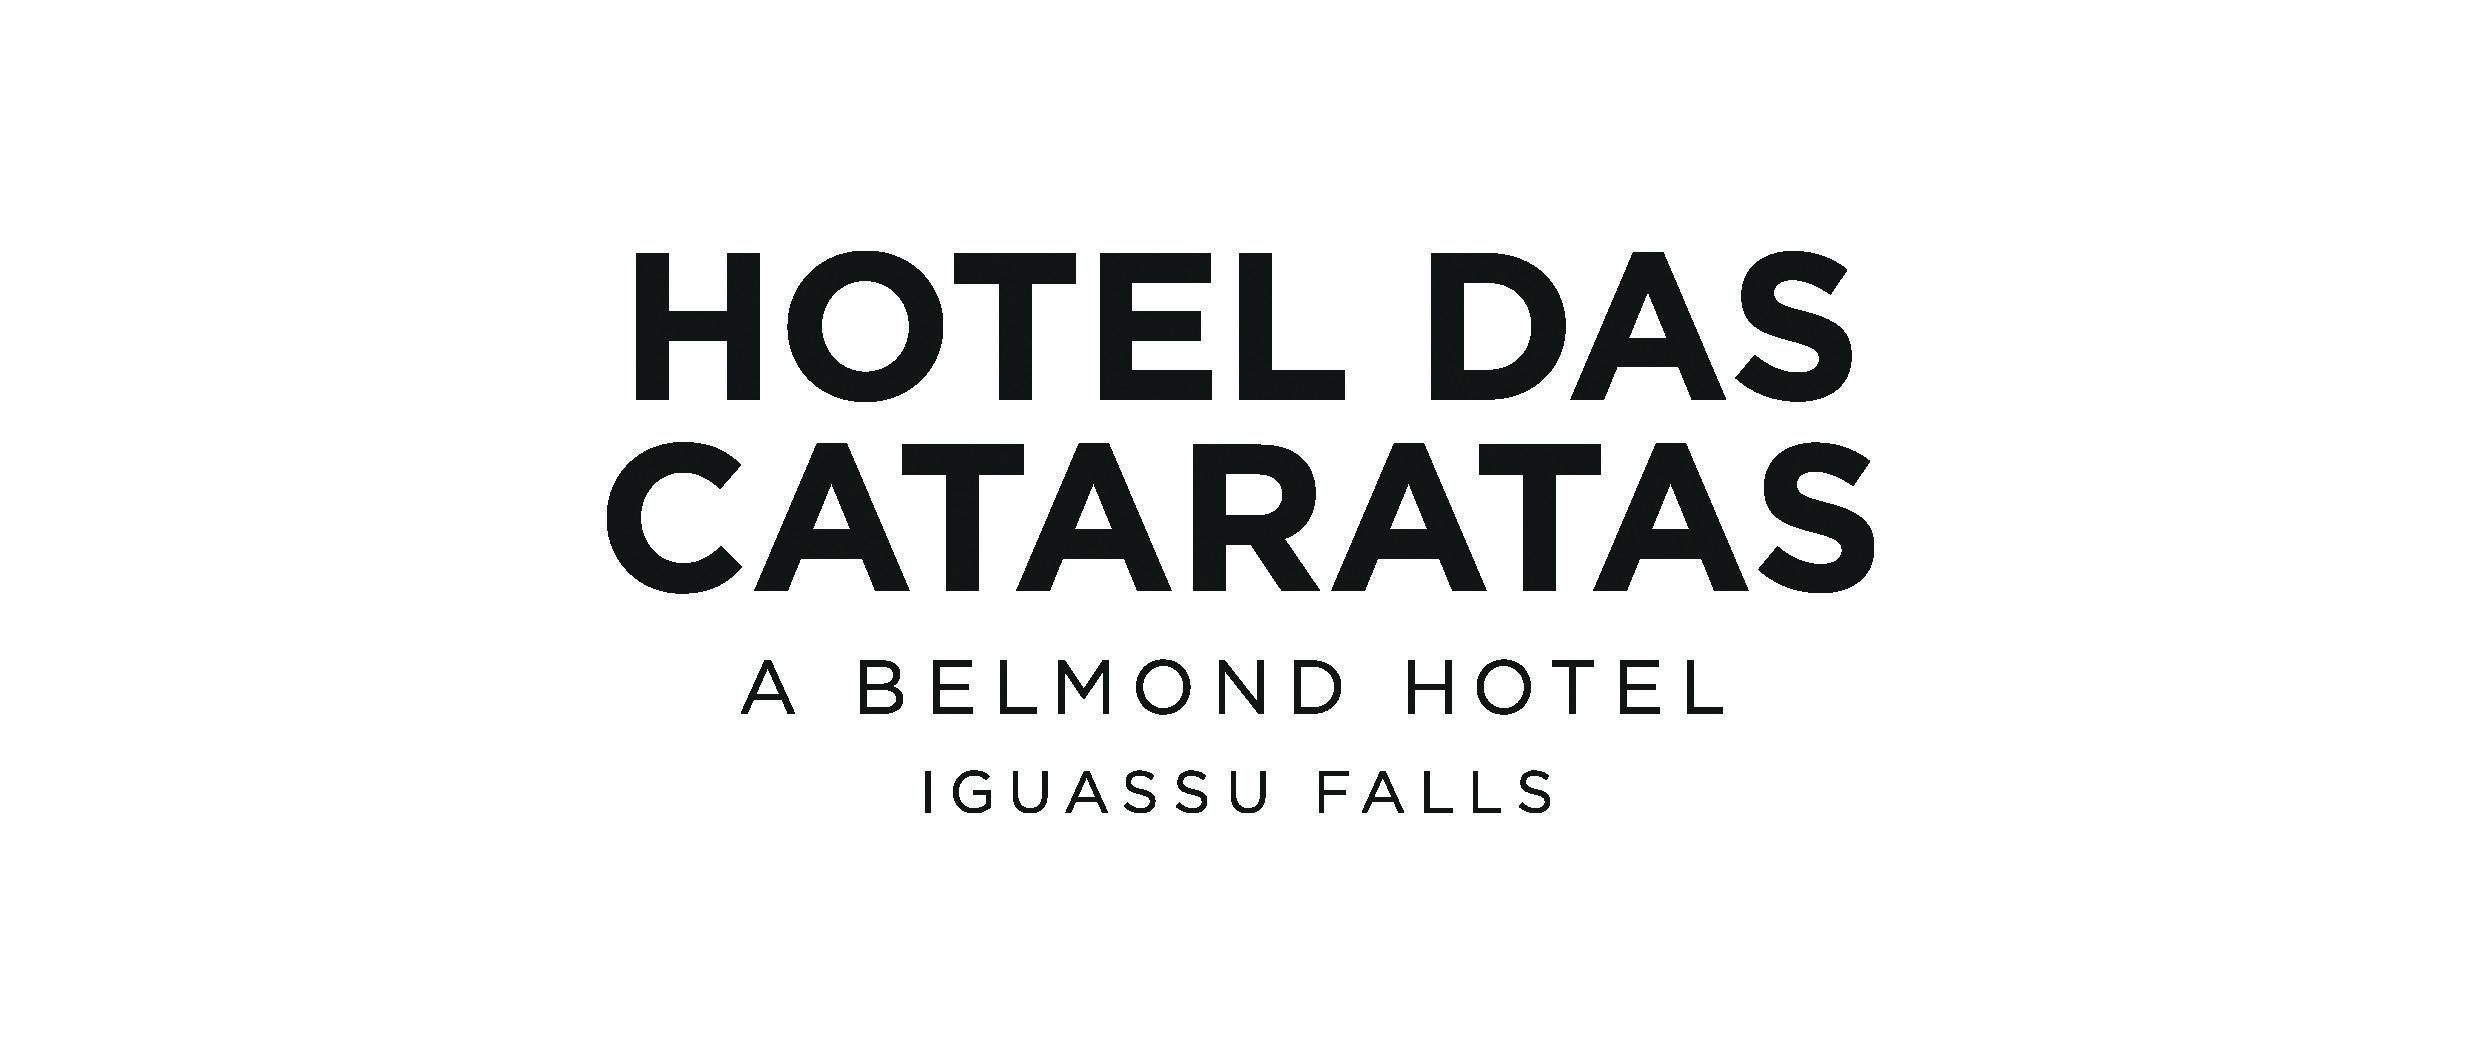 Hotel das Cataratas, A Belmond Hotel